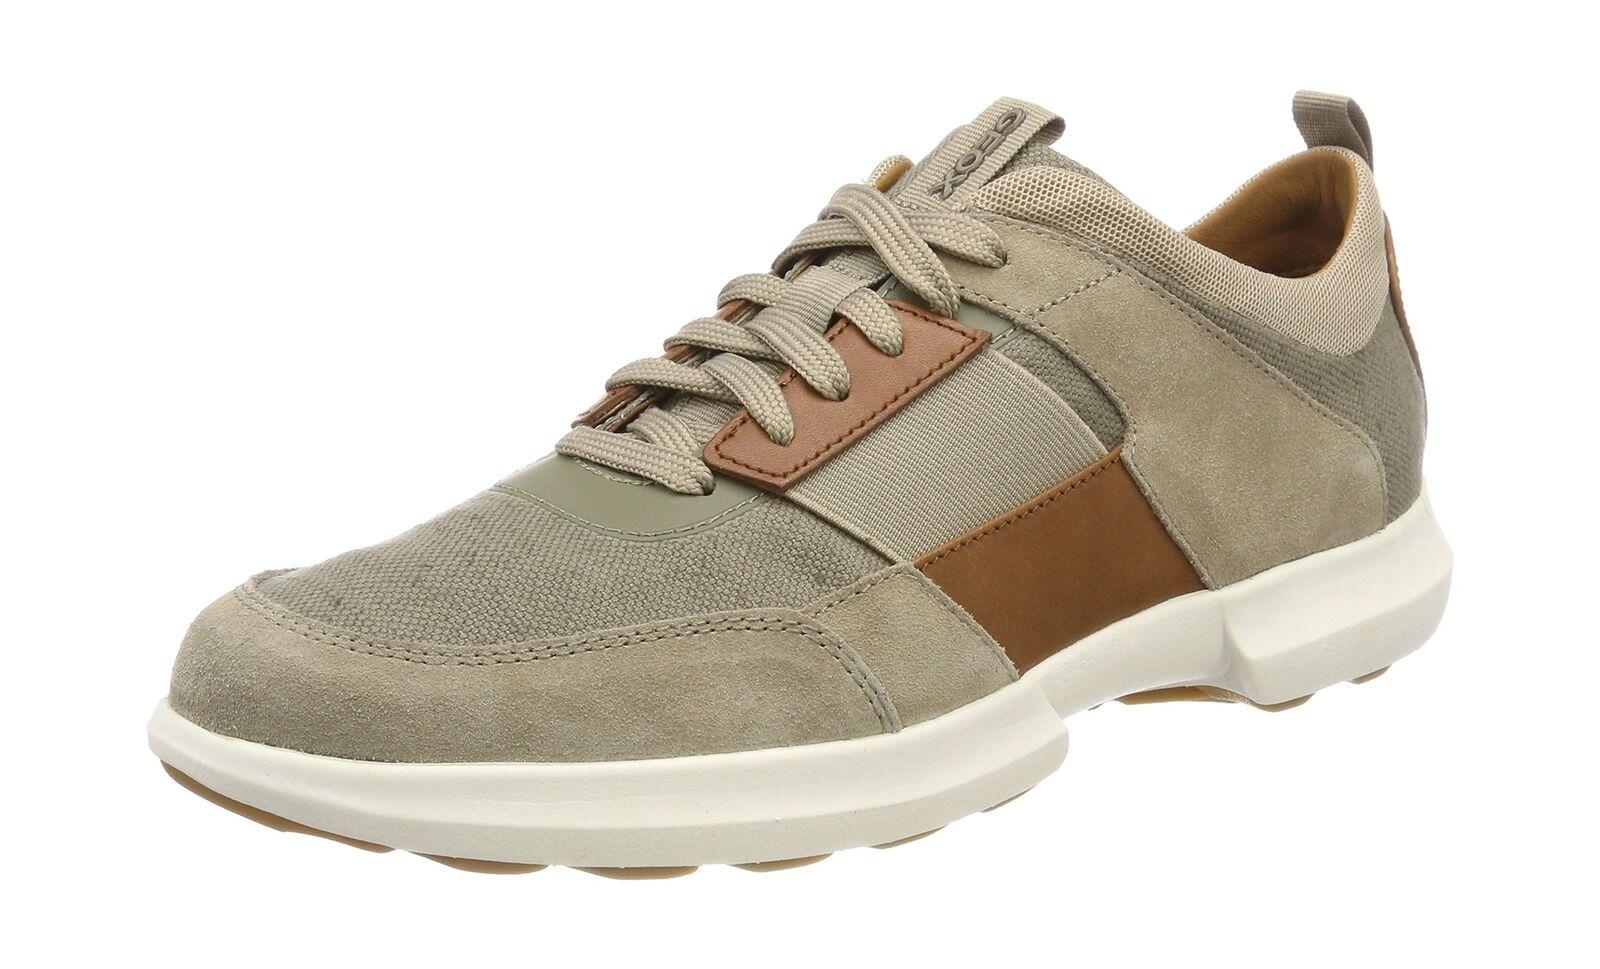 Geox Mens U Traccia (Sand) B Low-Top Sneakers Beige (Sand) Traccia 9 UK eaf6f9